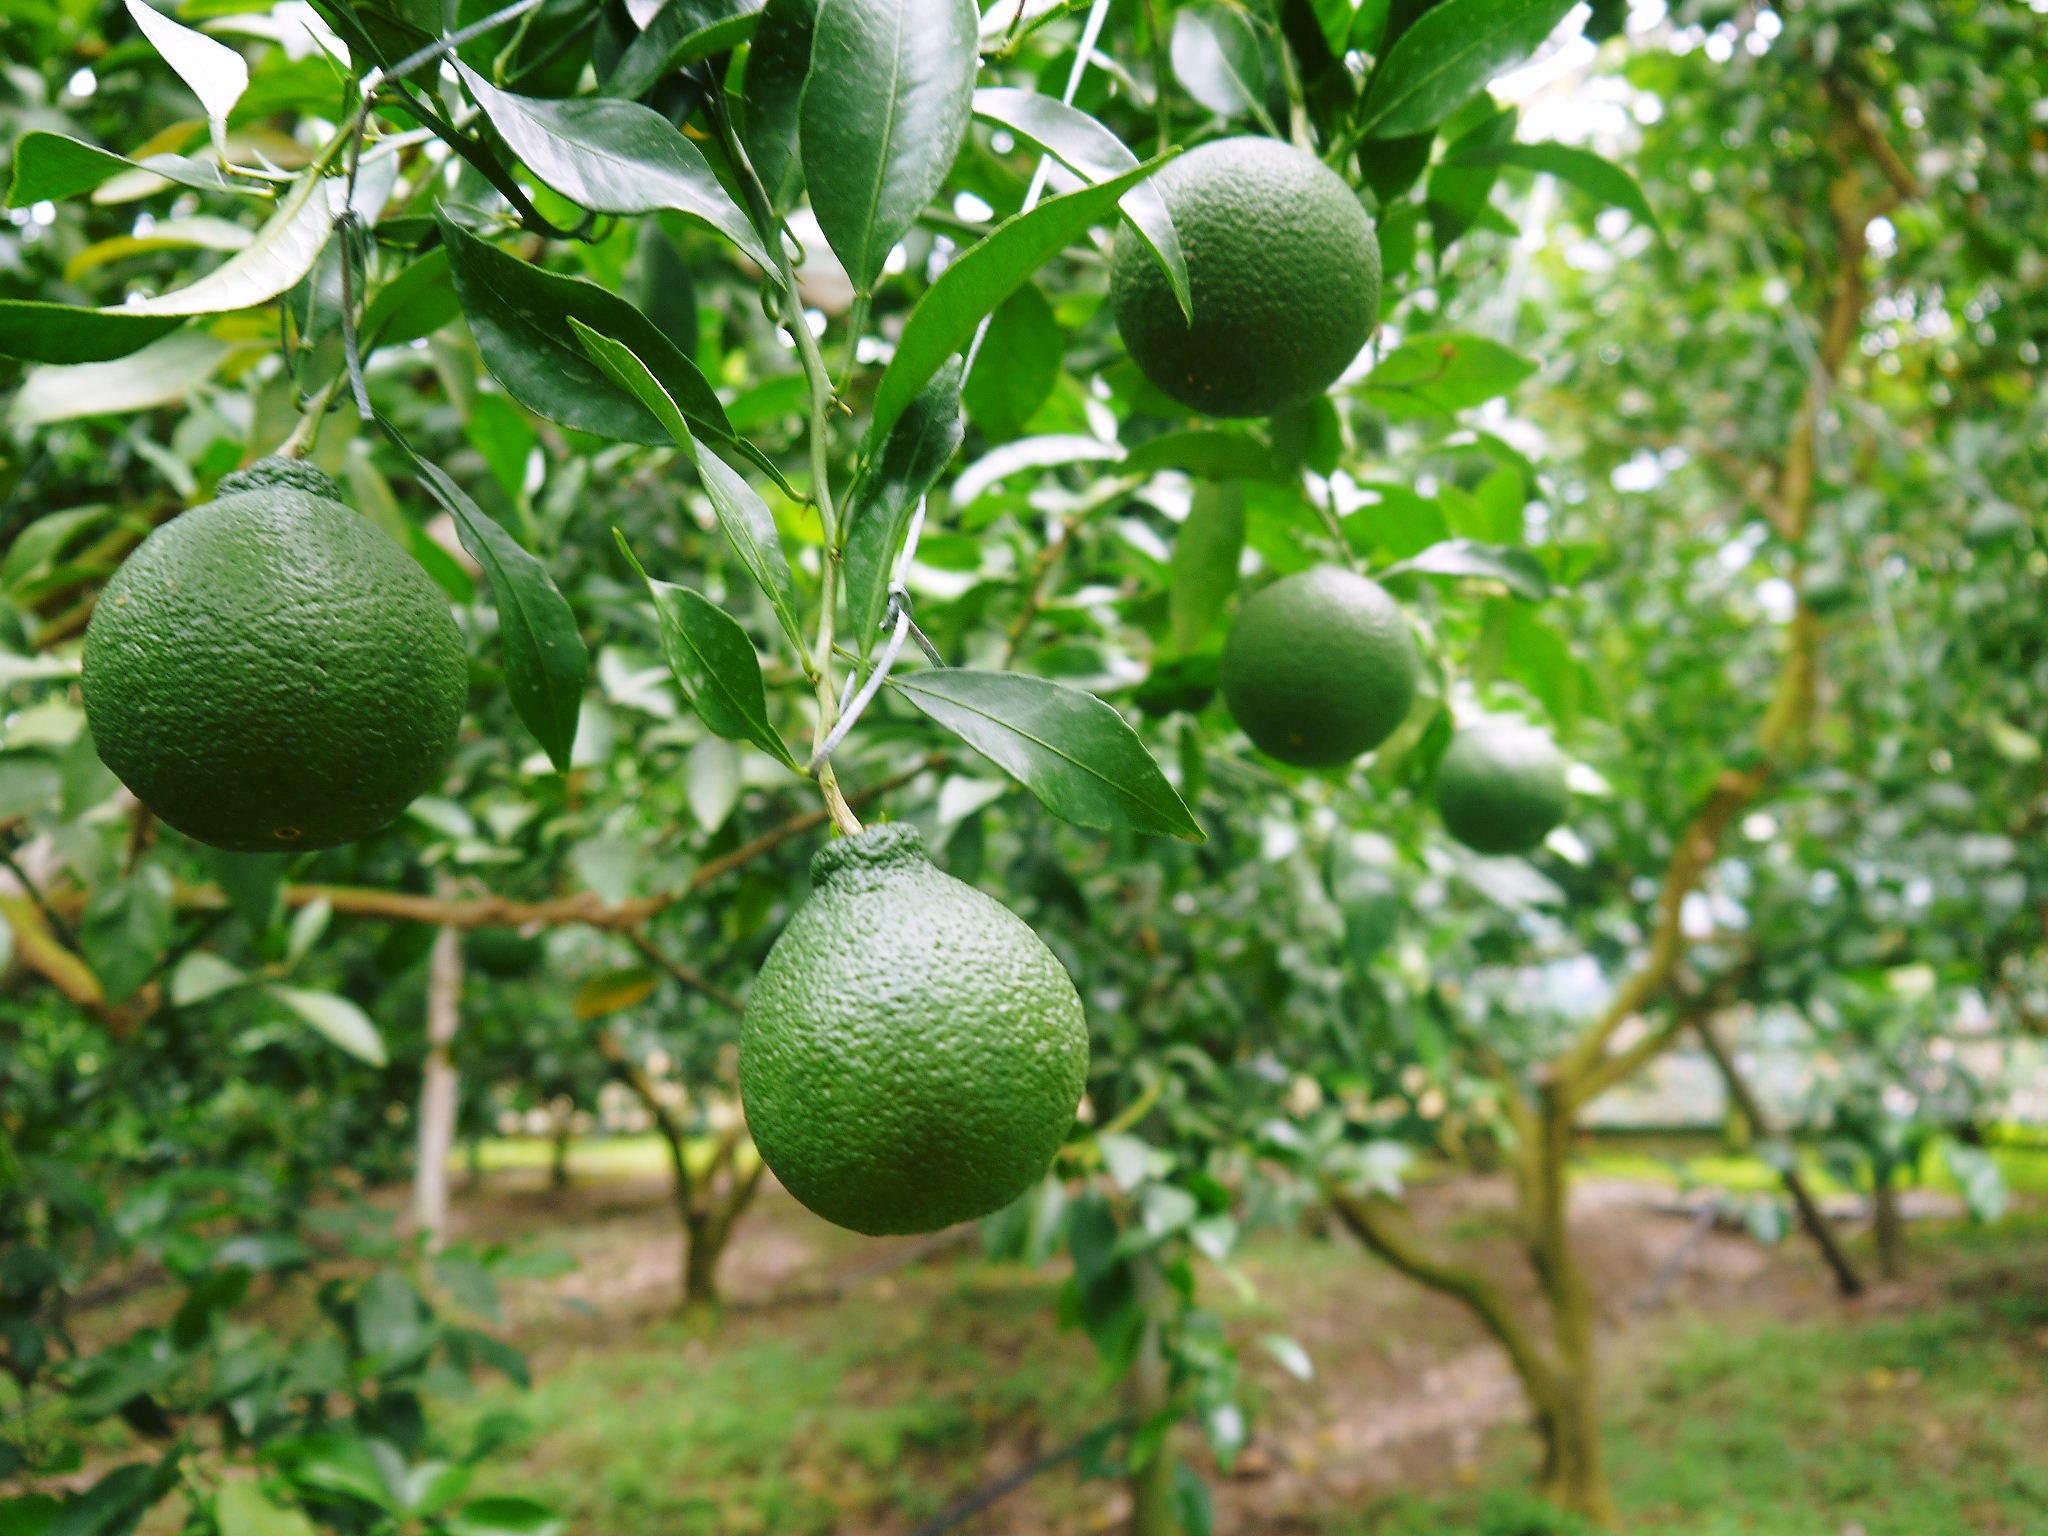 デコポン(肥後ポン) 果実を大きく成長させる匠の水管理と来年のための夏芽の話!前編_a0254656_18242119.jpg